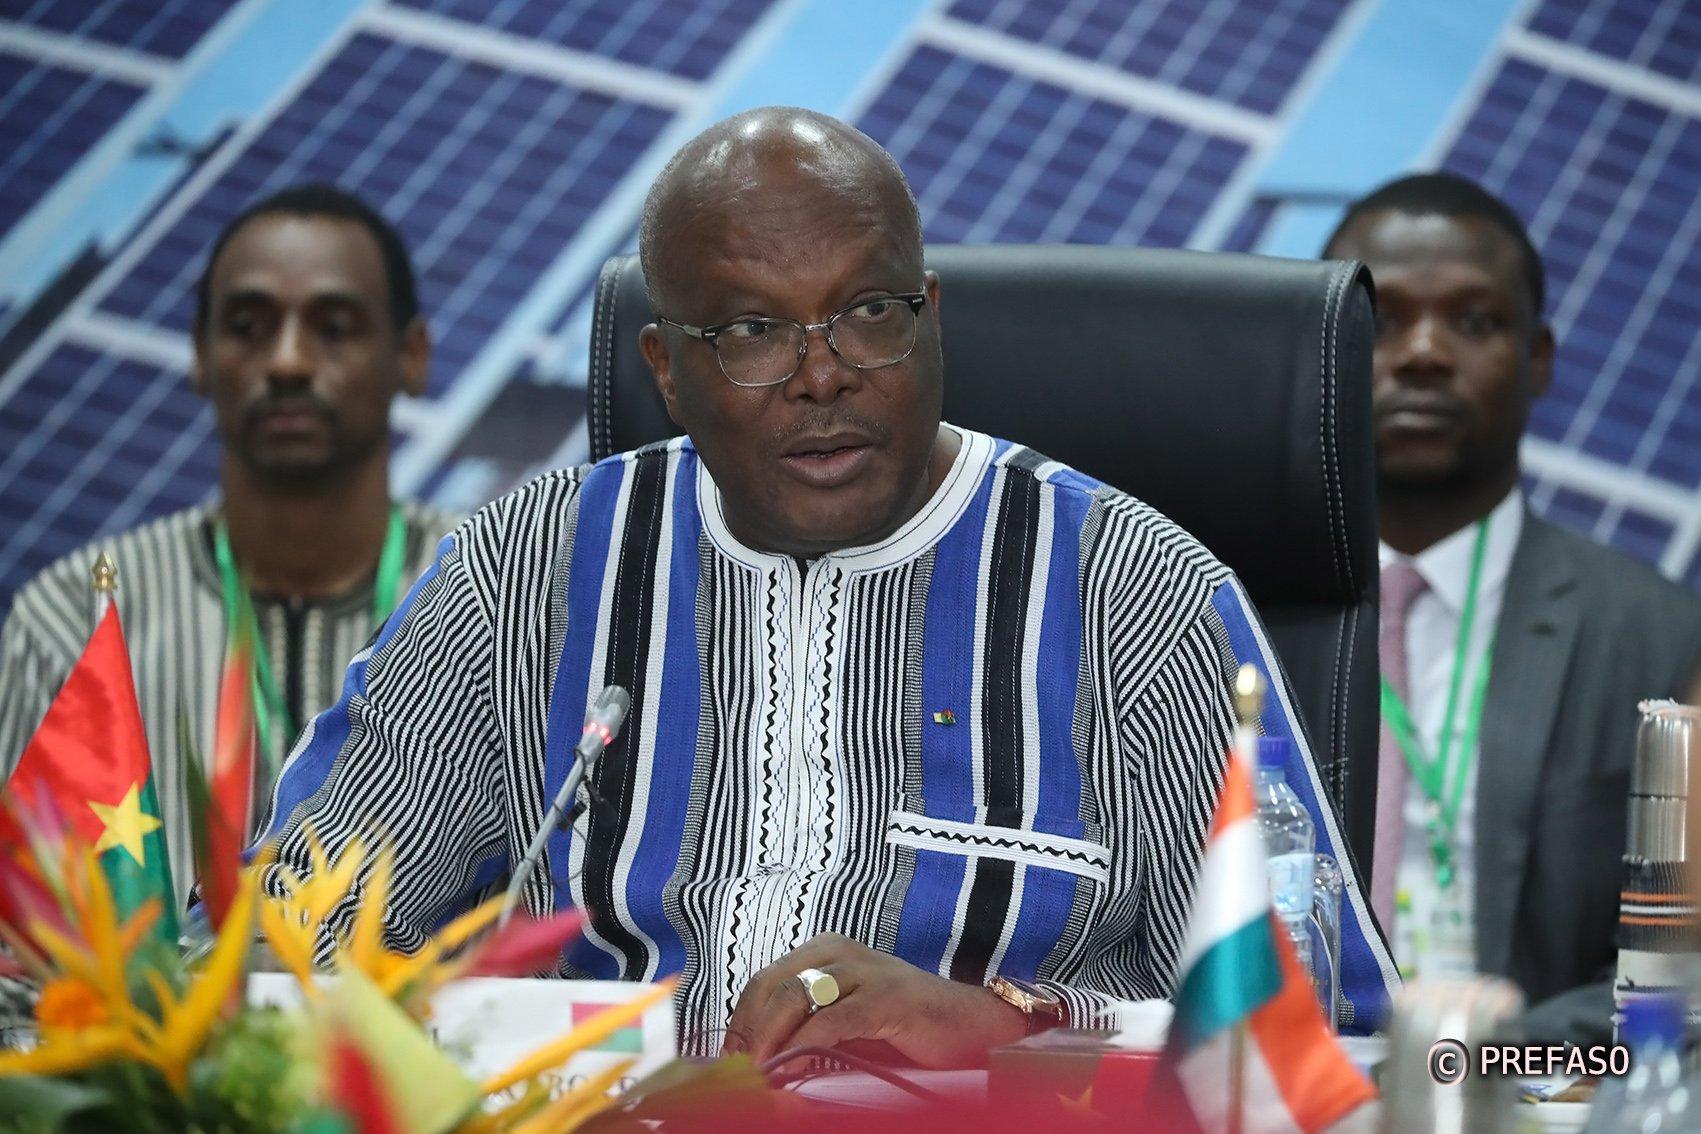 Le président burkinabè Roch Marc Christian Kaboré, vendredi 13 septembre 2019, lors d'une rencontre préparatoire au sommet extraordinaire de la Cedeao sur la sécurité.